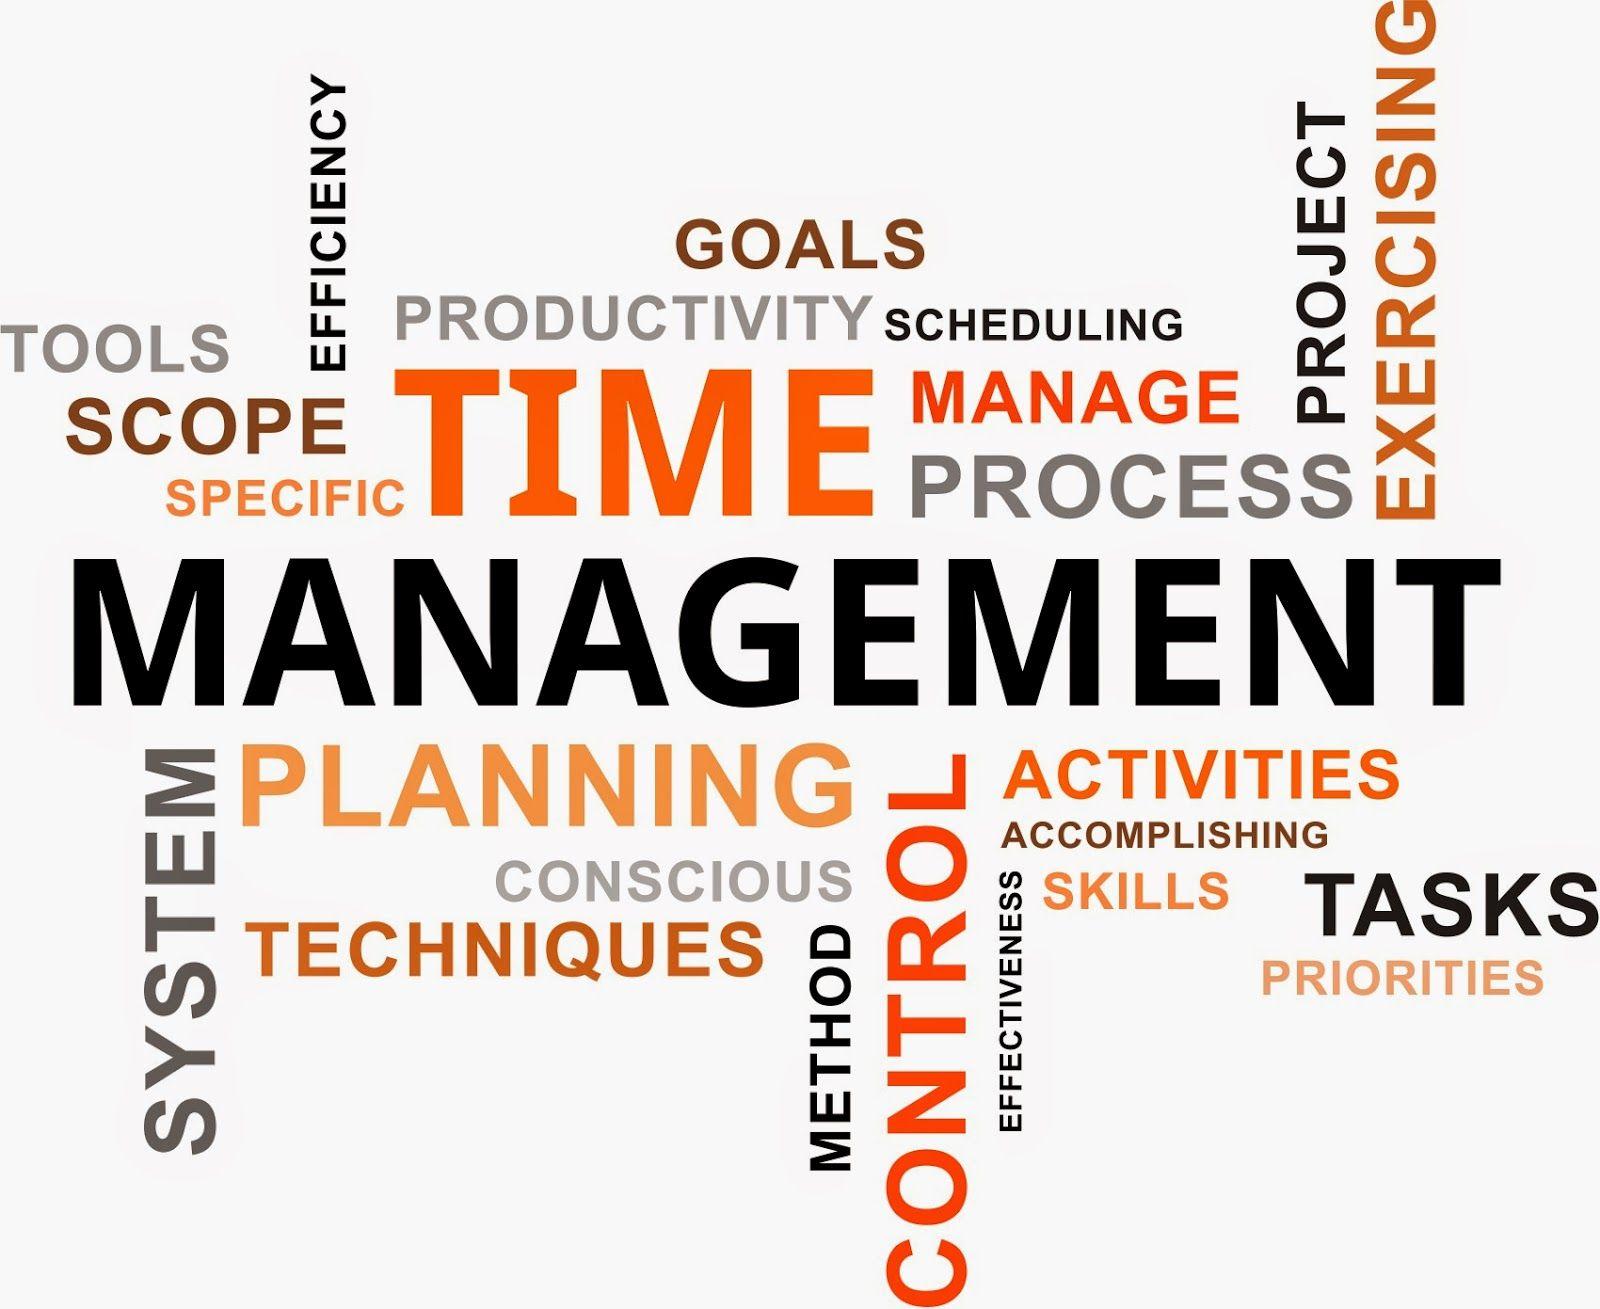 مهارات ذهنية ويدوية يجب عليك إمتلاكها لإدارة وقتك بكفاءة Time Management Skills Effective Time Management Time Management Tips